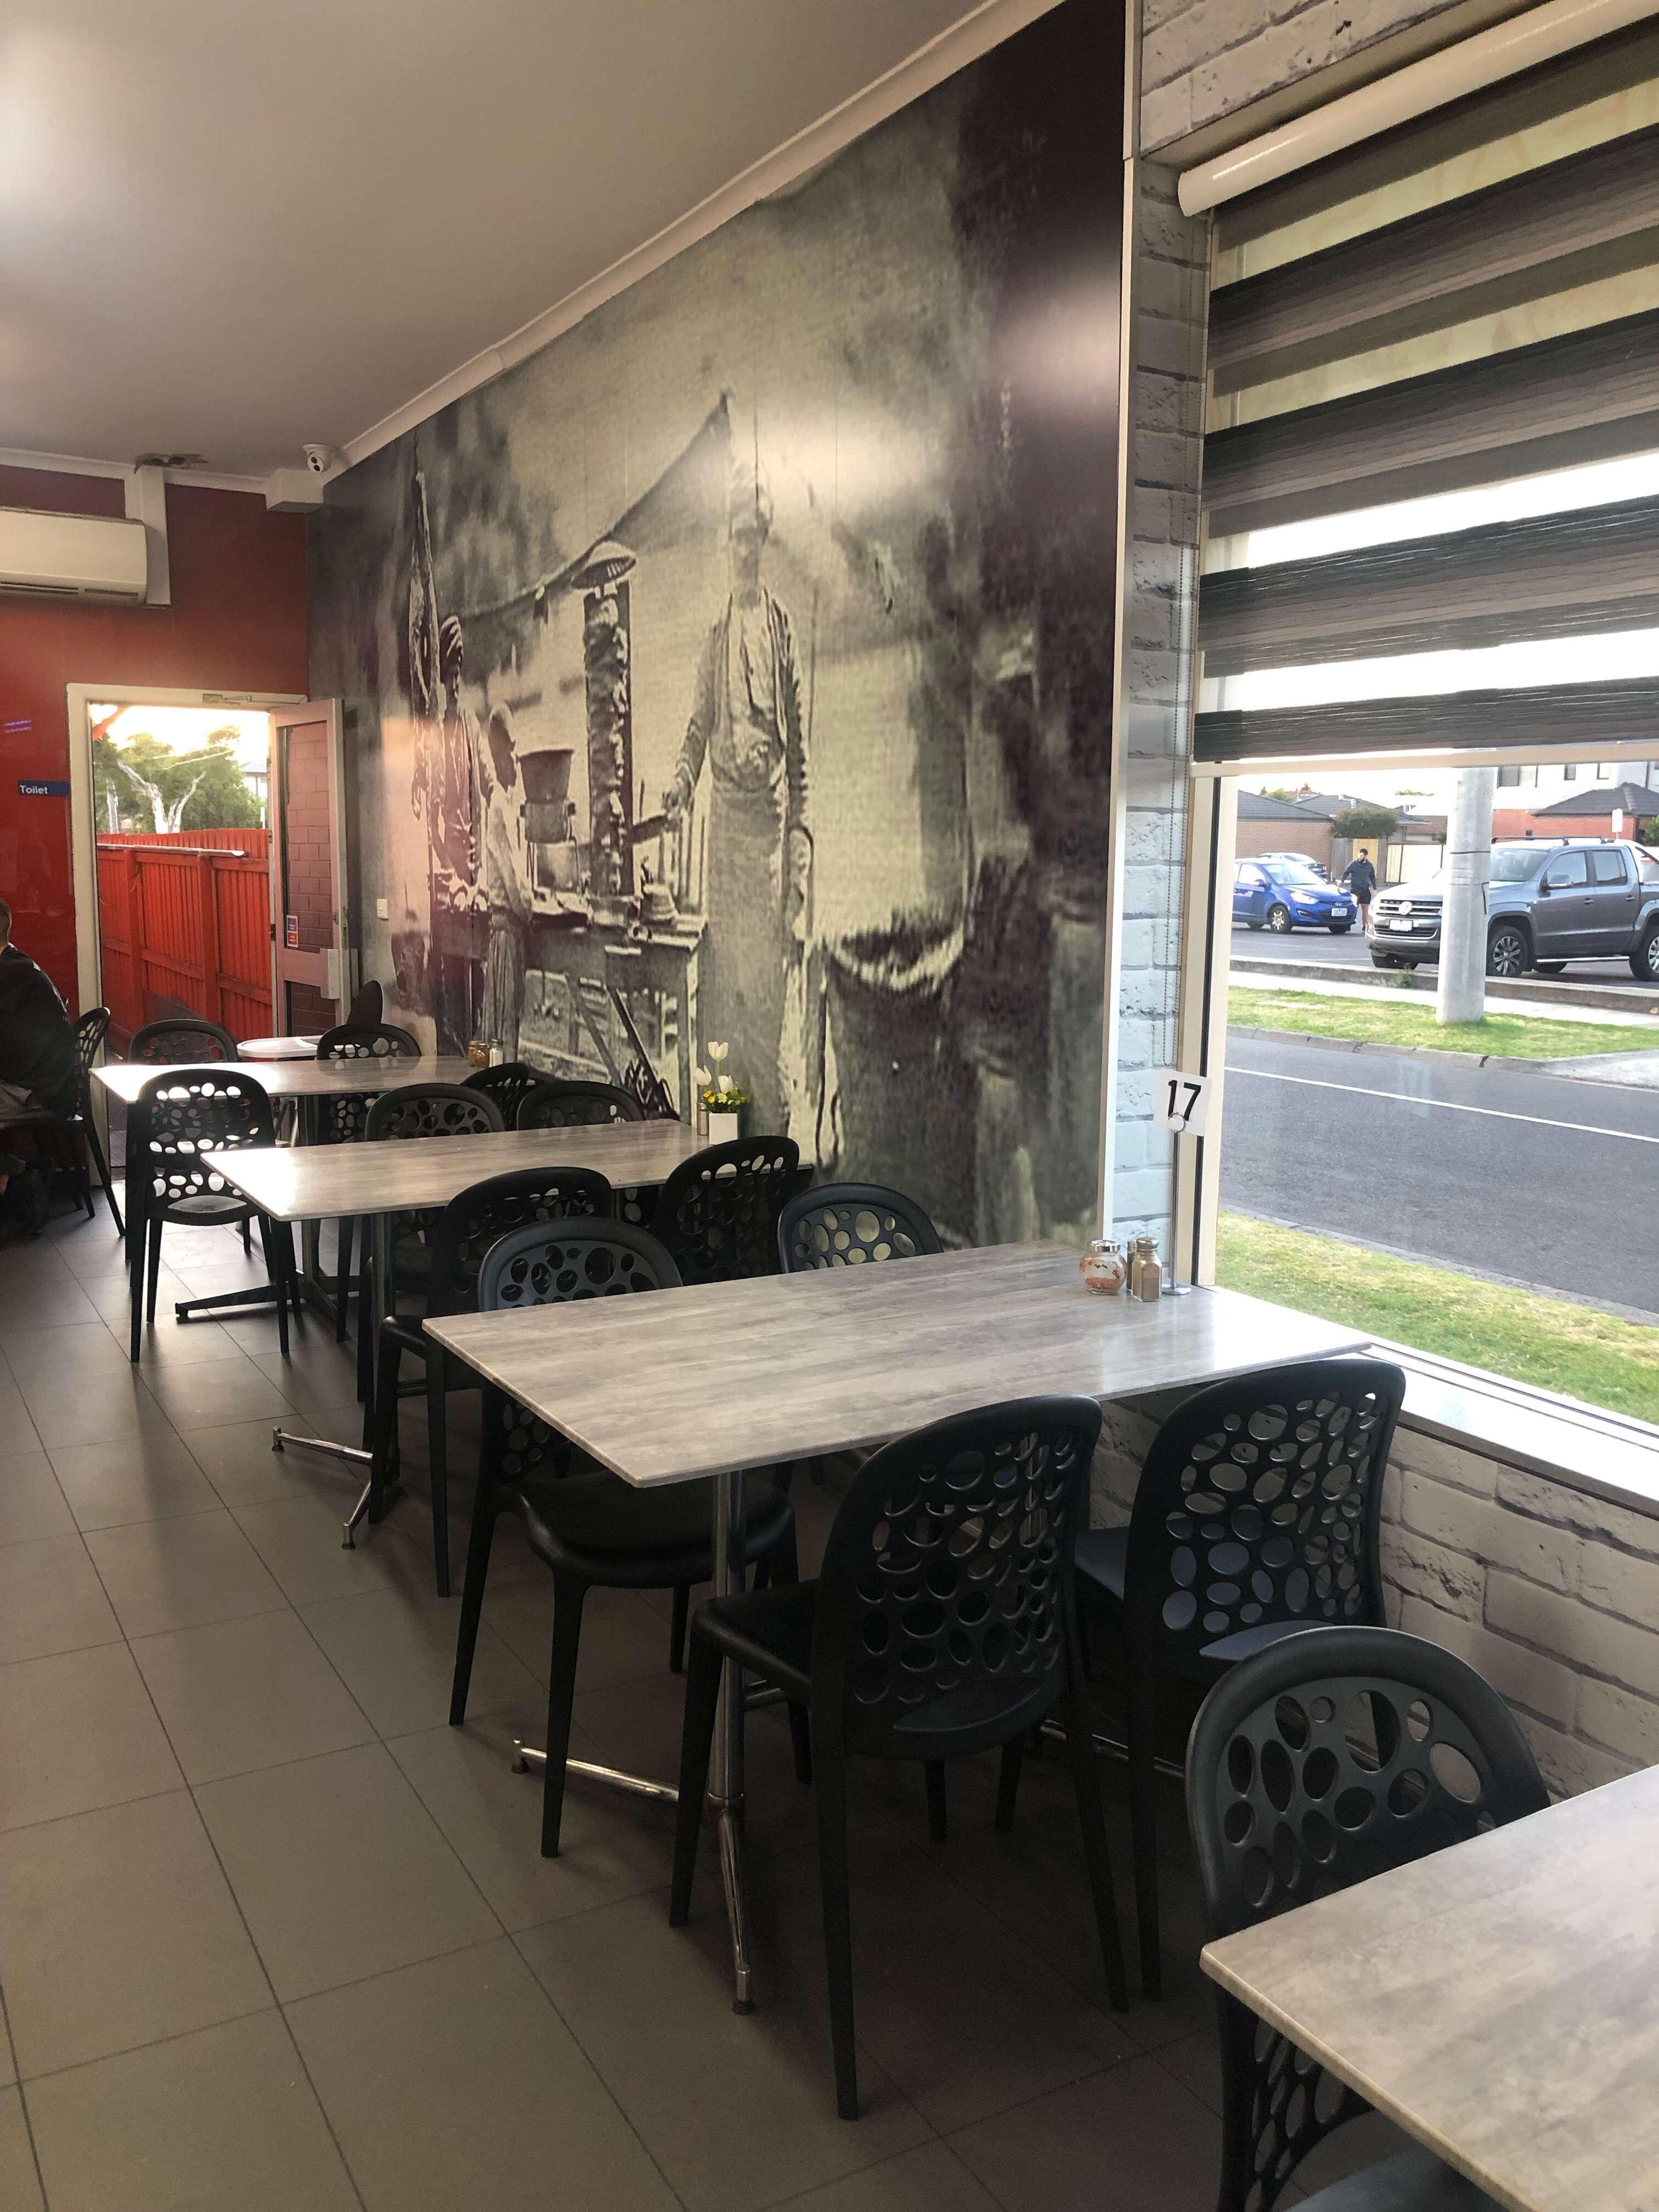 MKS Cafe